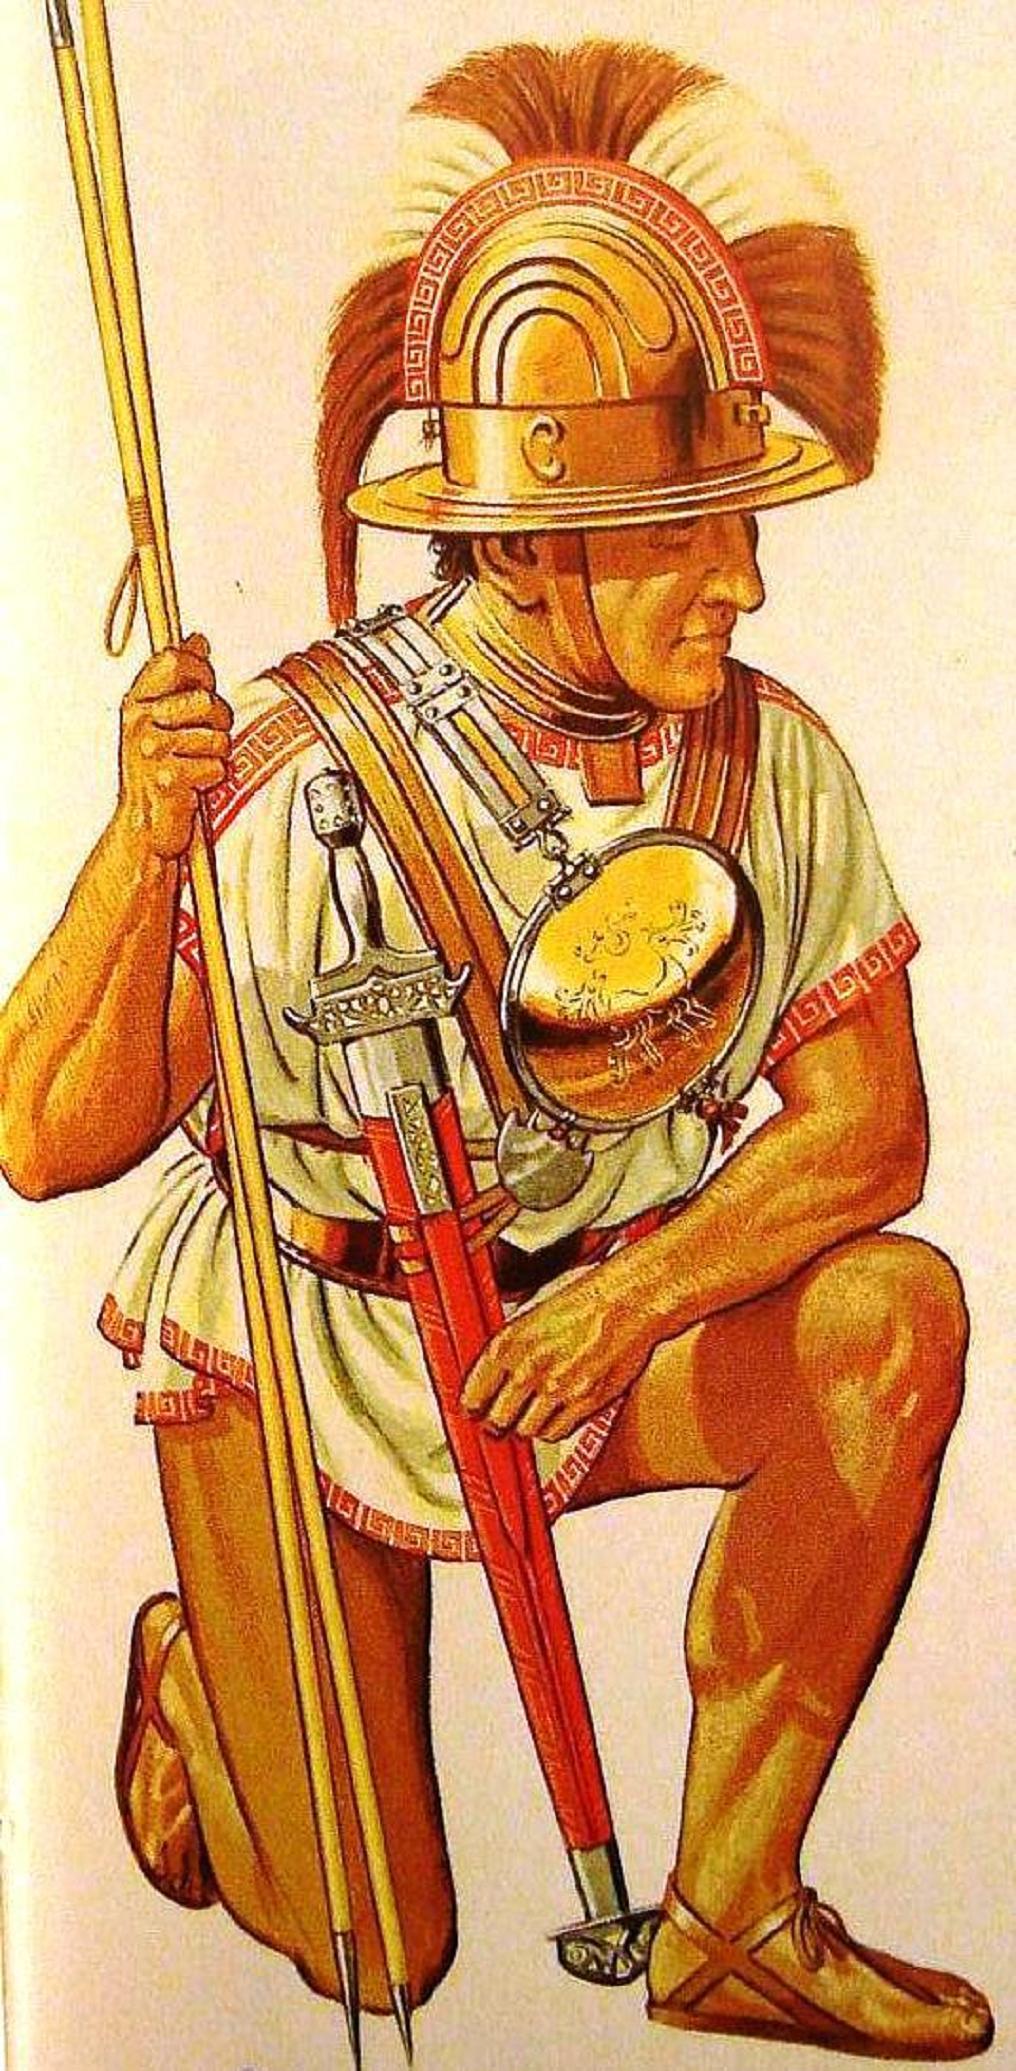 Ιταλός ελαφρός πολεμιστής, σε πίνακα του Peter Connolly. Ηταν ο βασικός τύπος «ψιλού» πολεμιστή στον οποίο ανήκε το μεγαλύτερο μέρος των ελαφρά οπλισμένων Ιταλών μαχίμων που επιτέθηκαν στην Κύμη. Ειδικά για τους λαούς οι οποίοι ζούσαν στην κεντρική οροσειρά των Απενίνων της ιταλικής χερσονήσου ήταν το βασικό είδος μαχίμου. Επρόκειτο για σκληραγωγημένους και επίμονους πολεμιστές οι οποίοι προκάλεσαν μεγάλα προβλήματα στην Ρώμη τους επόμενους αιώνες. Ο μάχιμος της εικόνας φέρει κράνος ιθαγενούς ιταλικού τύπου με ελληνικό λοφίο. Φέρει προστατευτικό έλασμα για τον λαιμό του και «καρδιοφύλακα» (pactorale) – έναν κυκλικό δίσκο για την προστασία του στήθους. Όμοιο δίσκο έχει αναρτημένο και στην πλάτη του. Κρατάει δύο ακόντια – ένα βαρύτερο και ένα ελαφρύτερο. Το ξίφος του είναι ελληνικού τύπου (copyright: Peter Connolly).     Ιταλός ελαφρός πολεμιστής, σε πίνακα του Peter Connolly. Ηταν ο βασικός τύπος «ψιλού» πολεμιστή στον οποίο ανήκε το μεγαλύτερο μέρος των ελαφρά οπλισμένων Ιταλών μαχίμων που επιτέθηκαν στην Κύμη. Ειδικά για τους λαούς οι οποίοι ζούσαν στην κεντρική οροσειρά των Απενίνων της ιταλικής χερσονήσου ήταν το βασικό είδος μαχίμου. Επρόκειτο για σκληραγωγημένους και επίμονους πολεμιστές οι οποίοι προκάλεσαν μεγάλα προβλήματα στην Ρώμη τους επόμενους αιώνες. Ο μάχιμος της εικόνας φέρει κράνος ιθαγενούς ιταλικού τύπου με ελληνικό λοφίο. Φέρει προστατευτικό έλασμα για τον λαιμό του και «καρδιοφύλακα» (pactorale) – έναν κυκλικό δίσκο για την προστασία του στήθους. Όμοιο δίσκο έχει αναρτημένο και στην πλάτη του. Κρατάει δύο ακόντια – ένα βαρύτερο και ένα ελαφρύτερο. Το ξίφος του είναι ελληνικού τύπου (copyright: Peter Connolly).